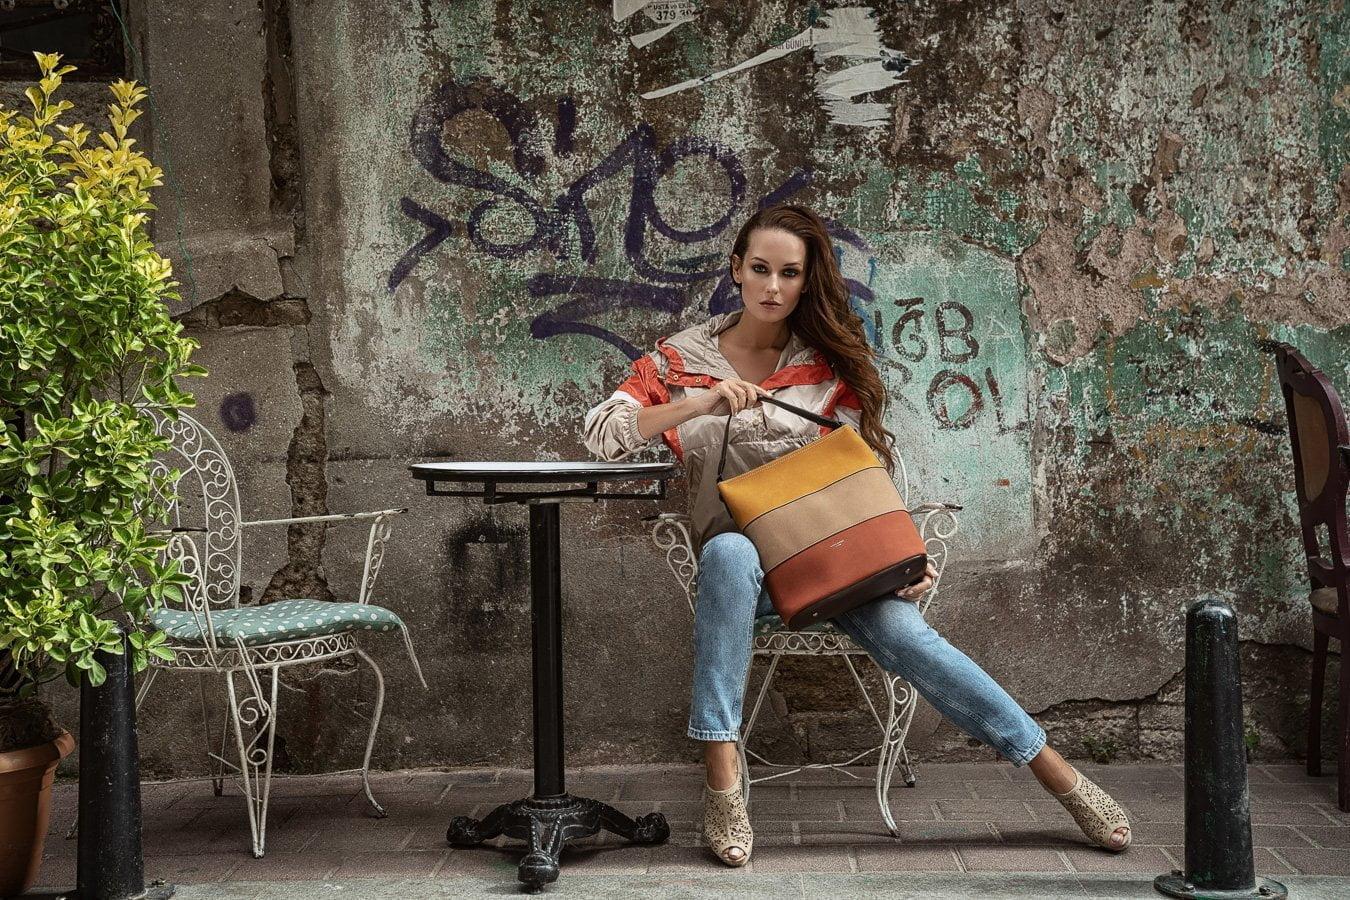 Modelli Ürün Çekimi moda tekstil burakbulutfotografatolyesi 7